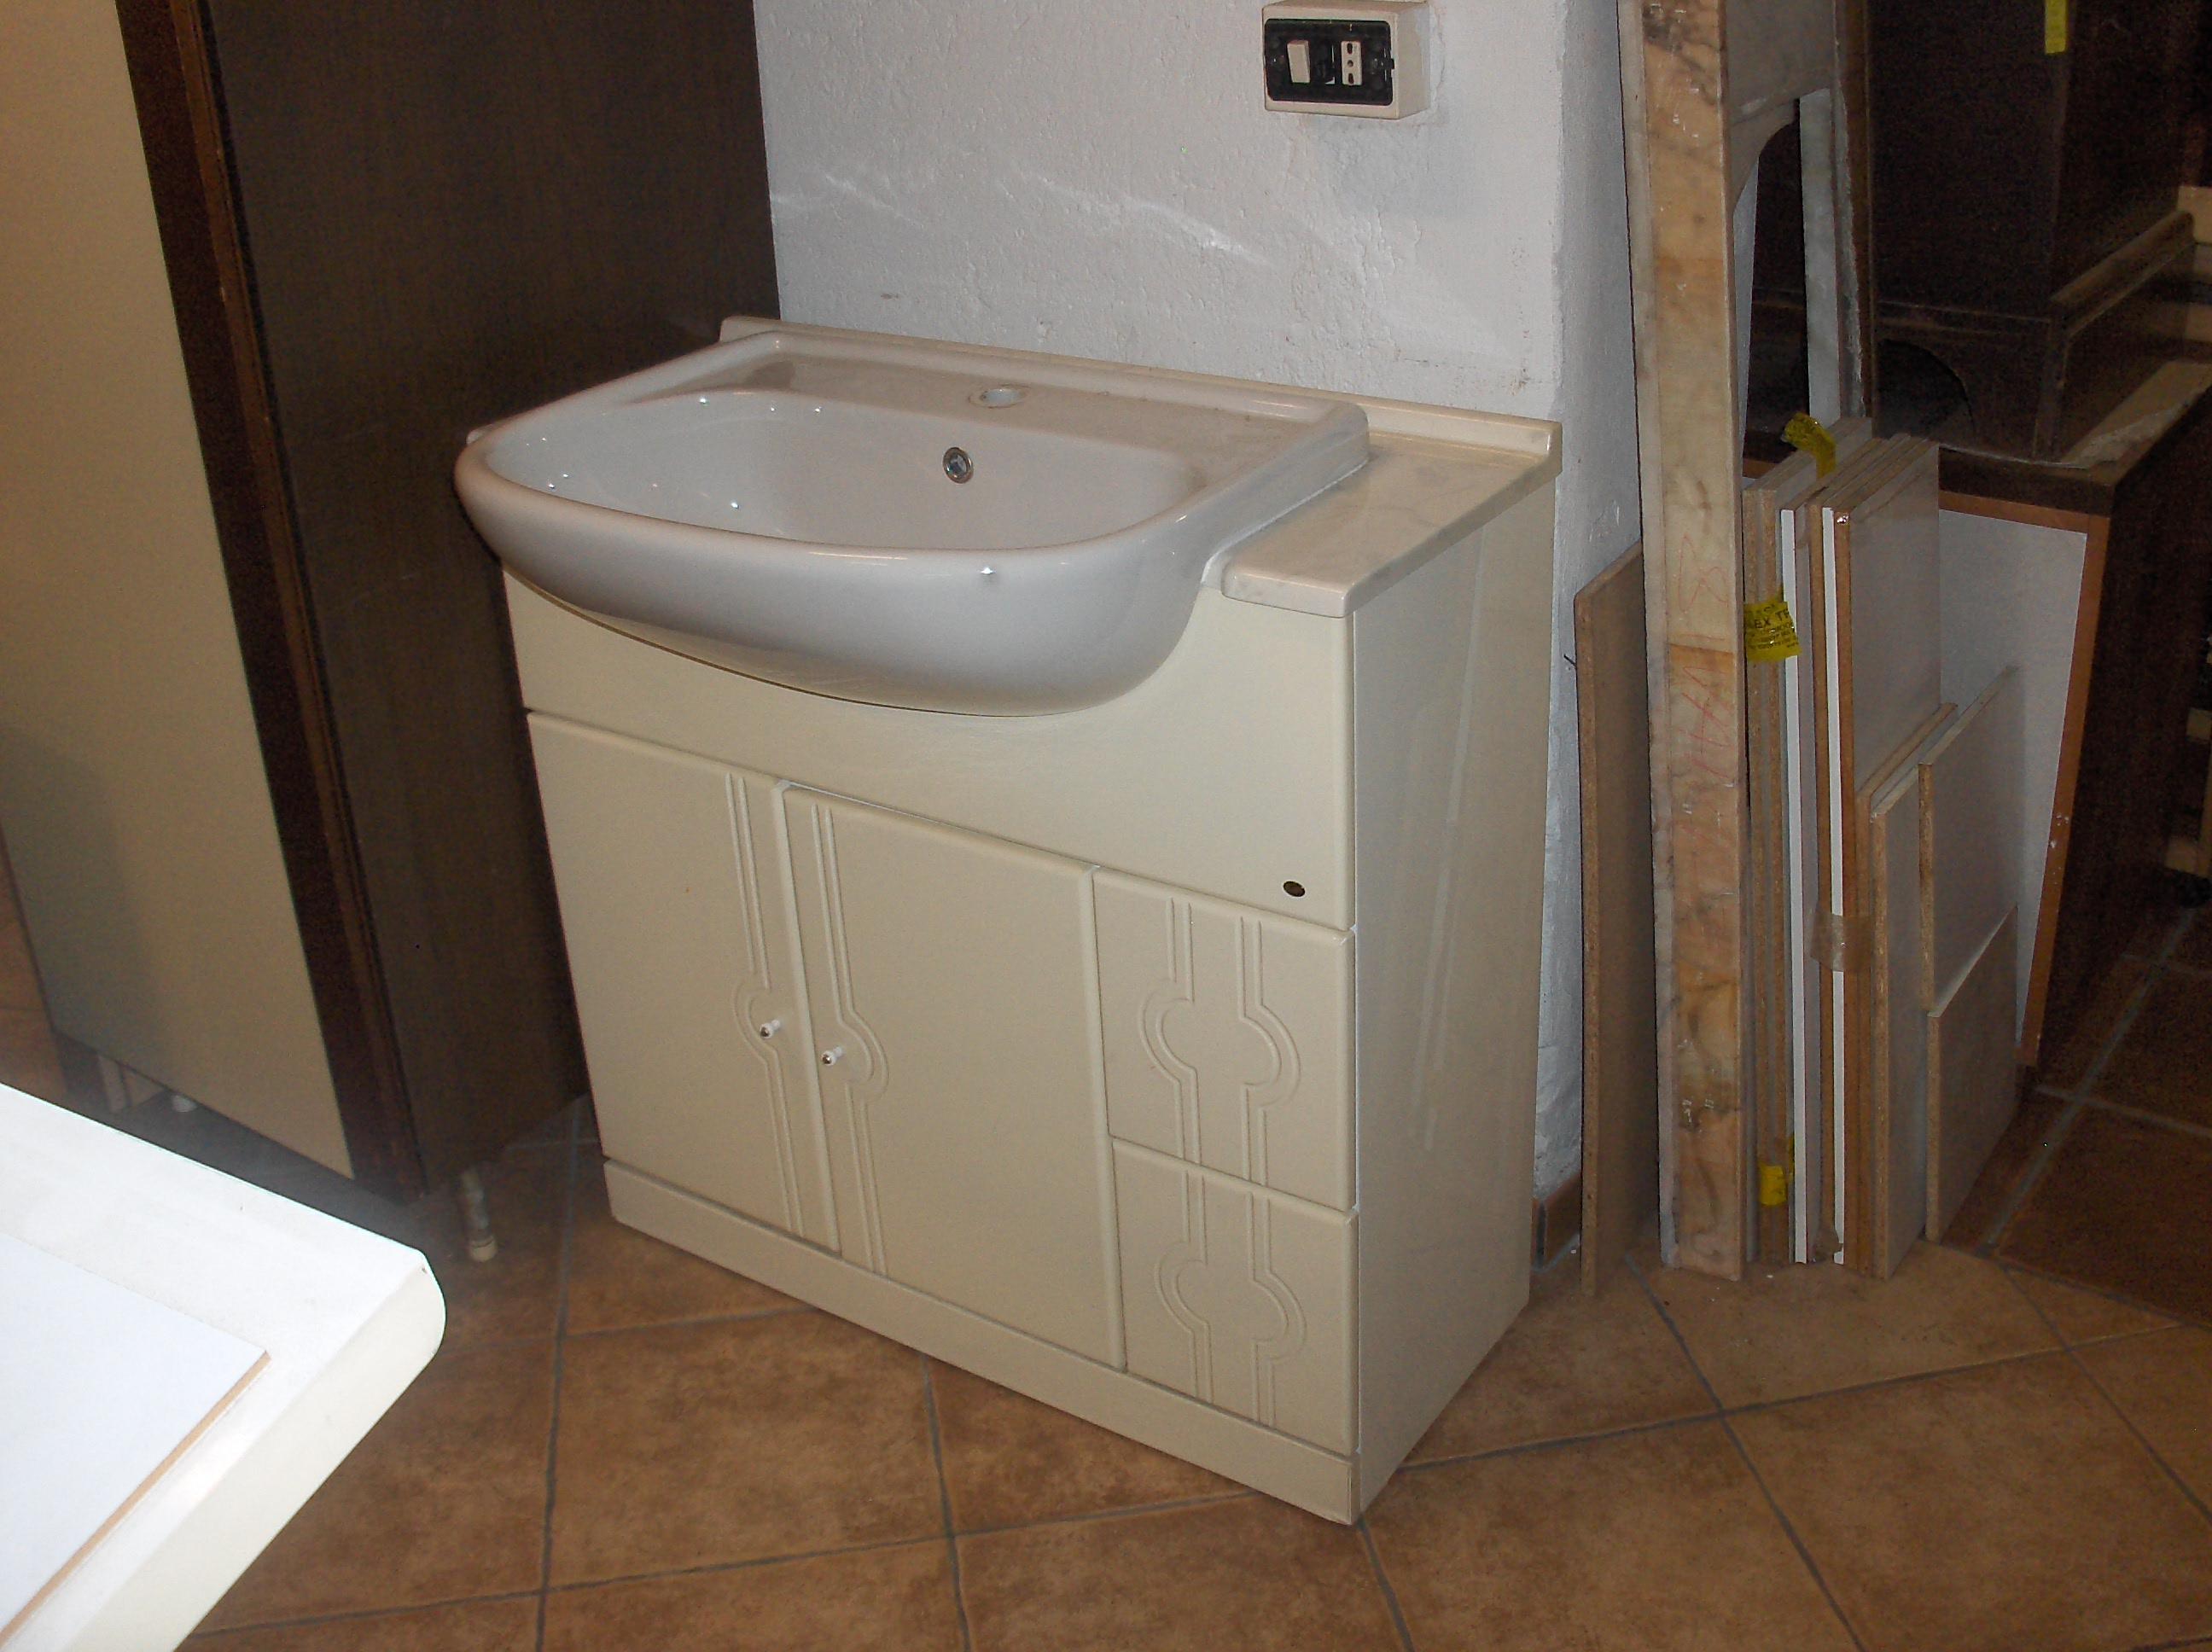 Mobili da bagno usati da euro 60 - Mobili bagno leroy merlin casamassima ...